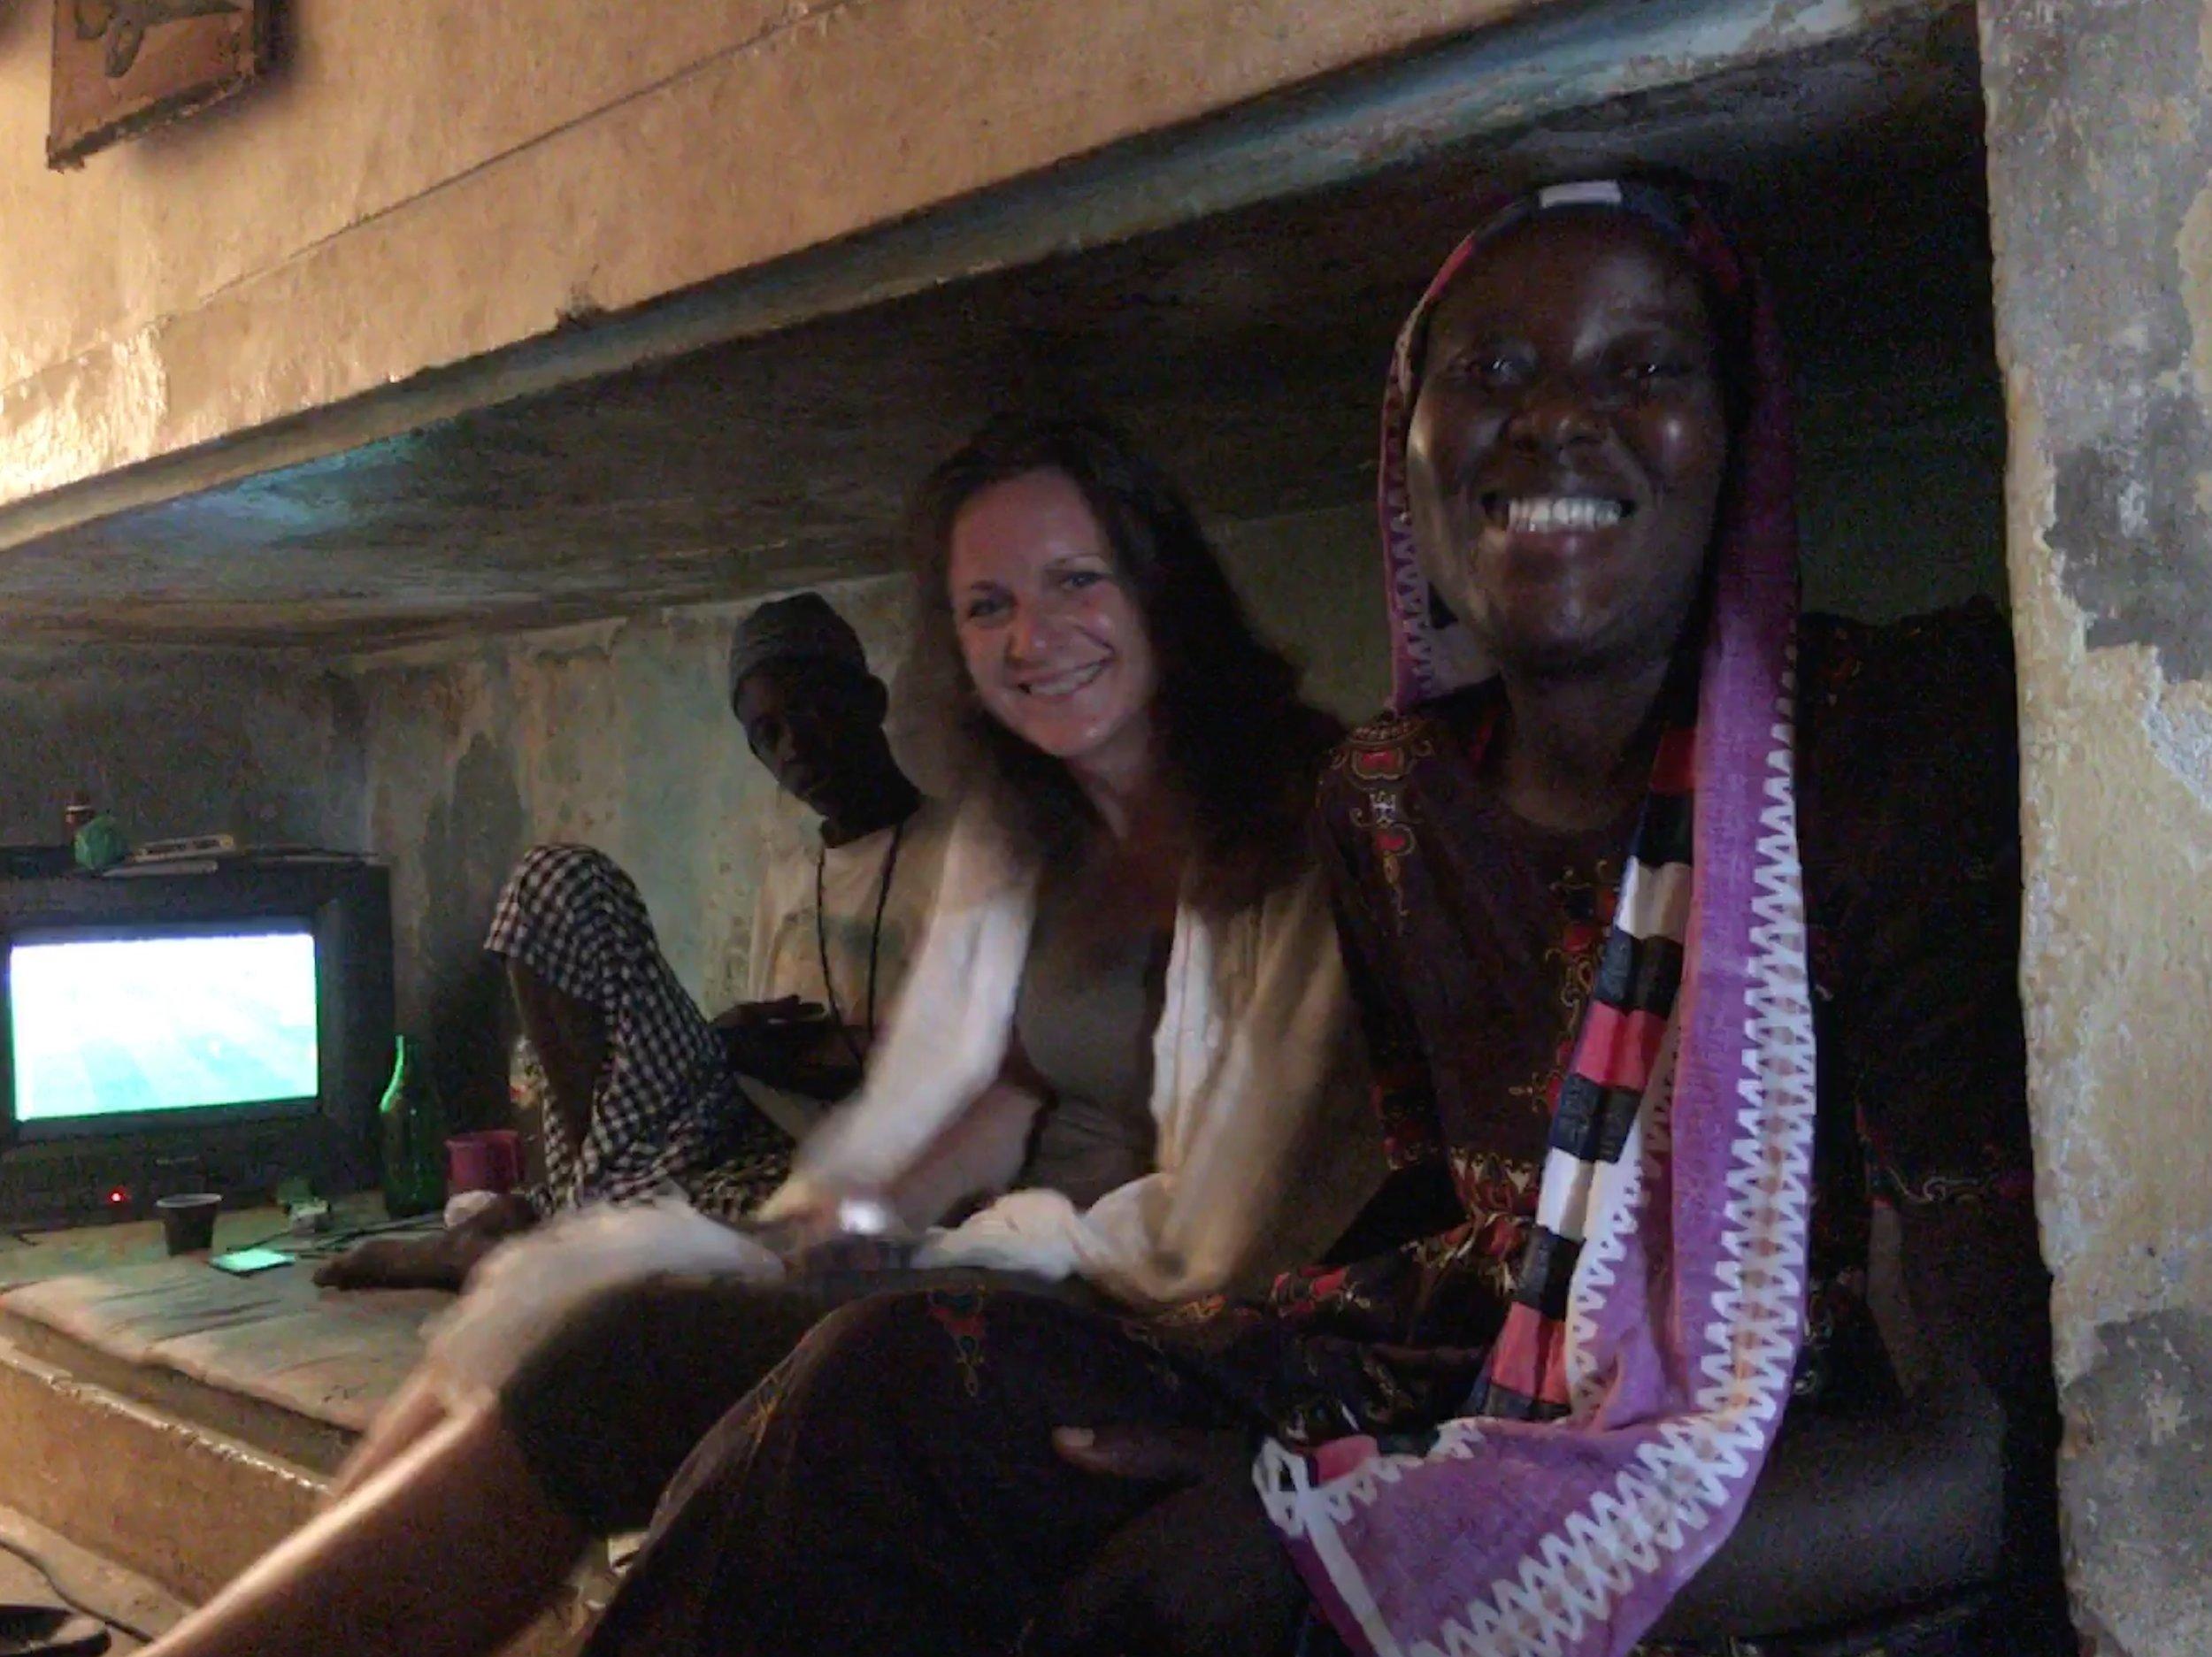 Juli 2018, WK- kijken in de bunker, met een zus van Moussa